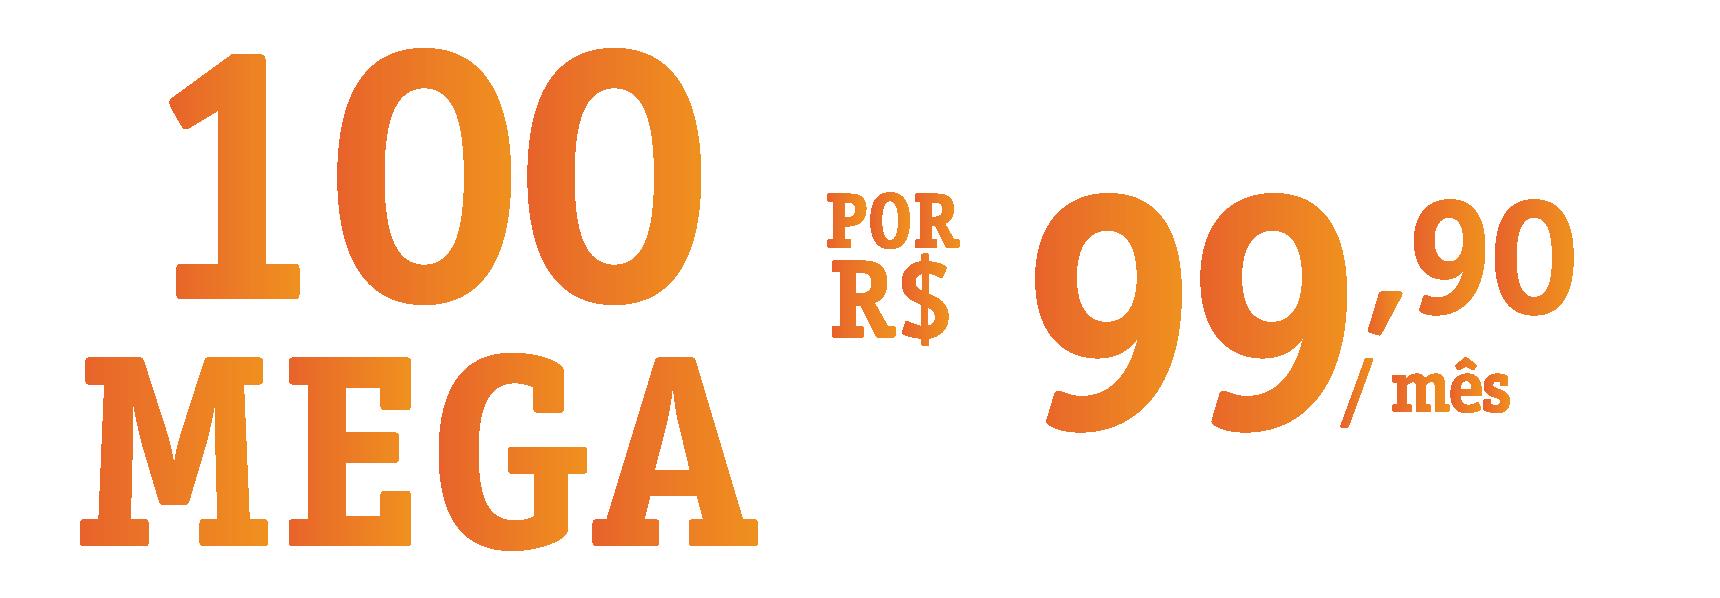 VIVO 100 MEGA